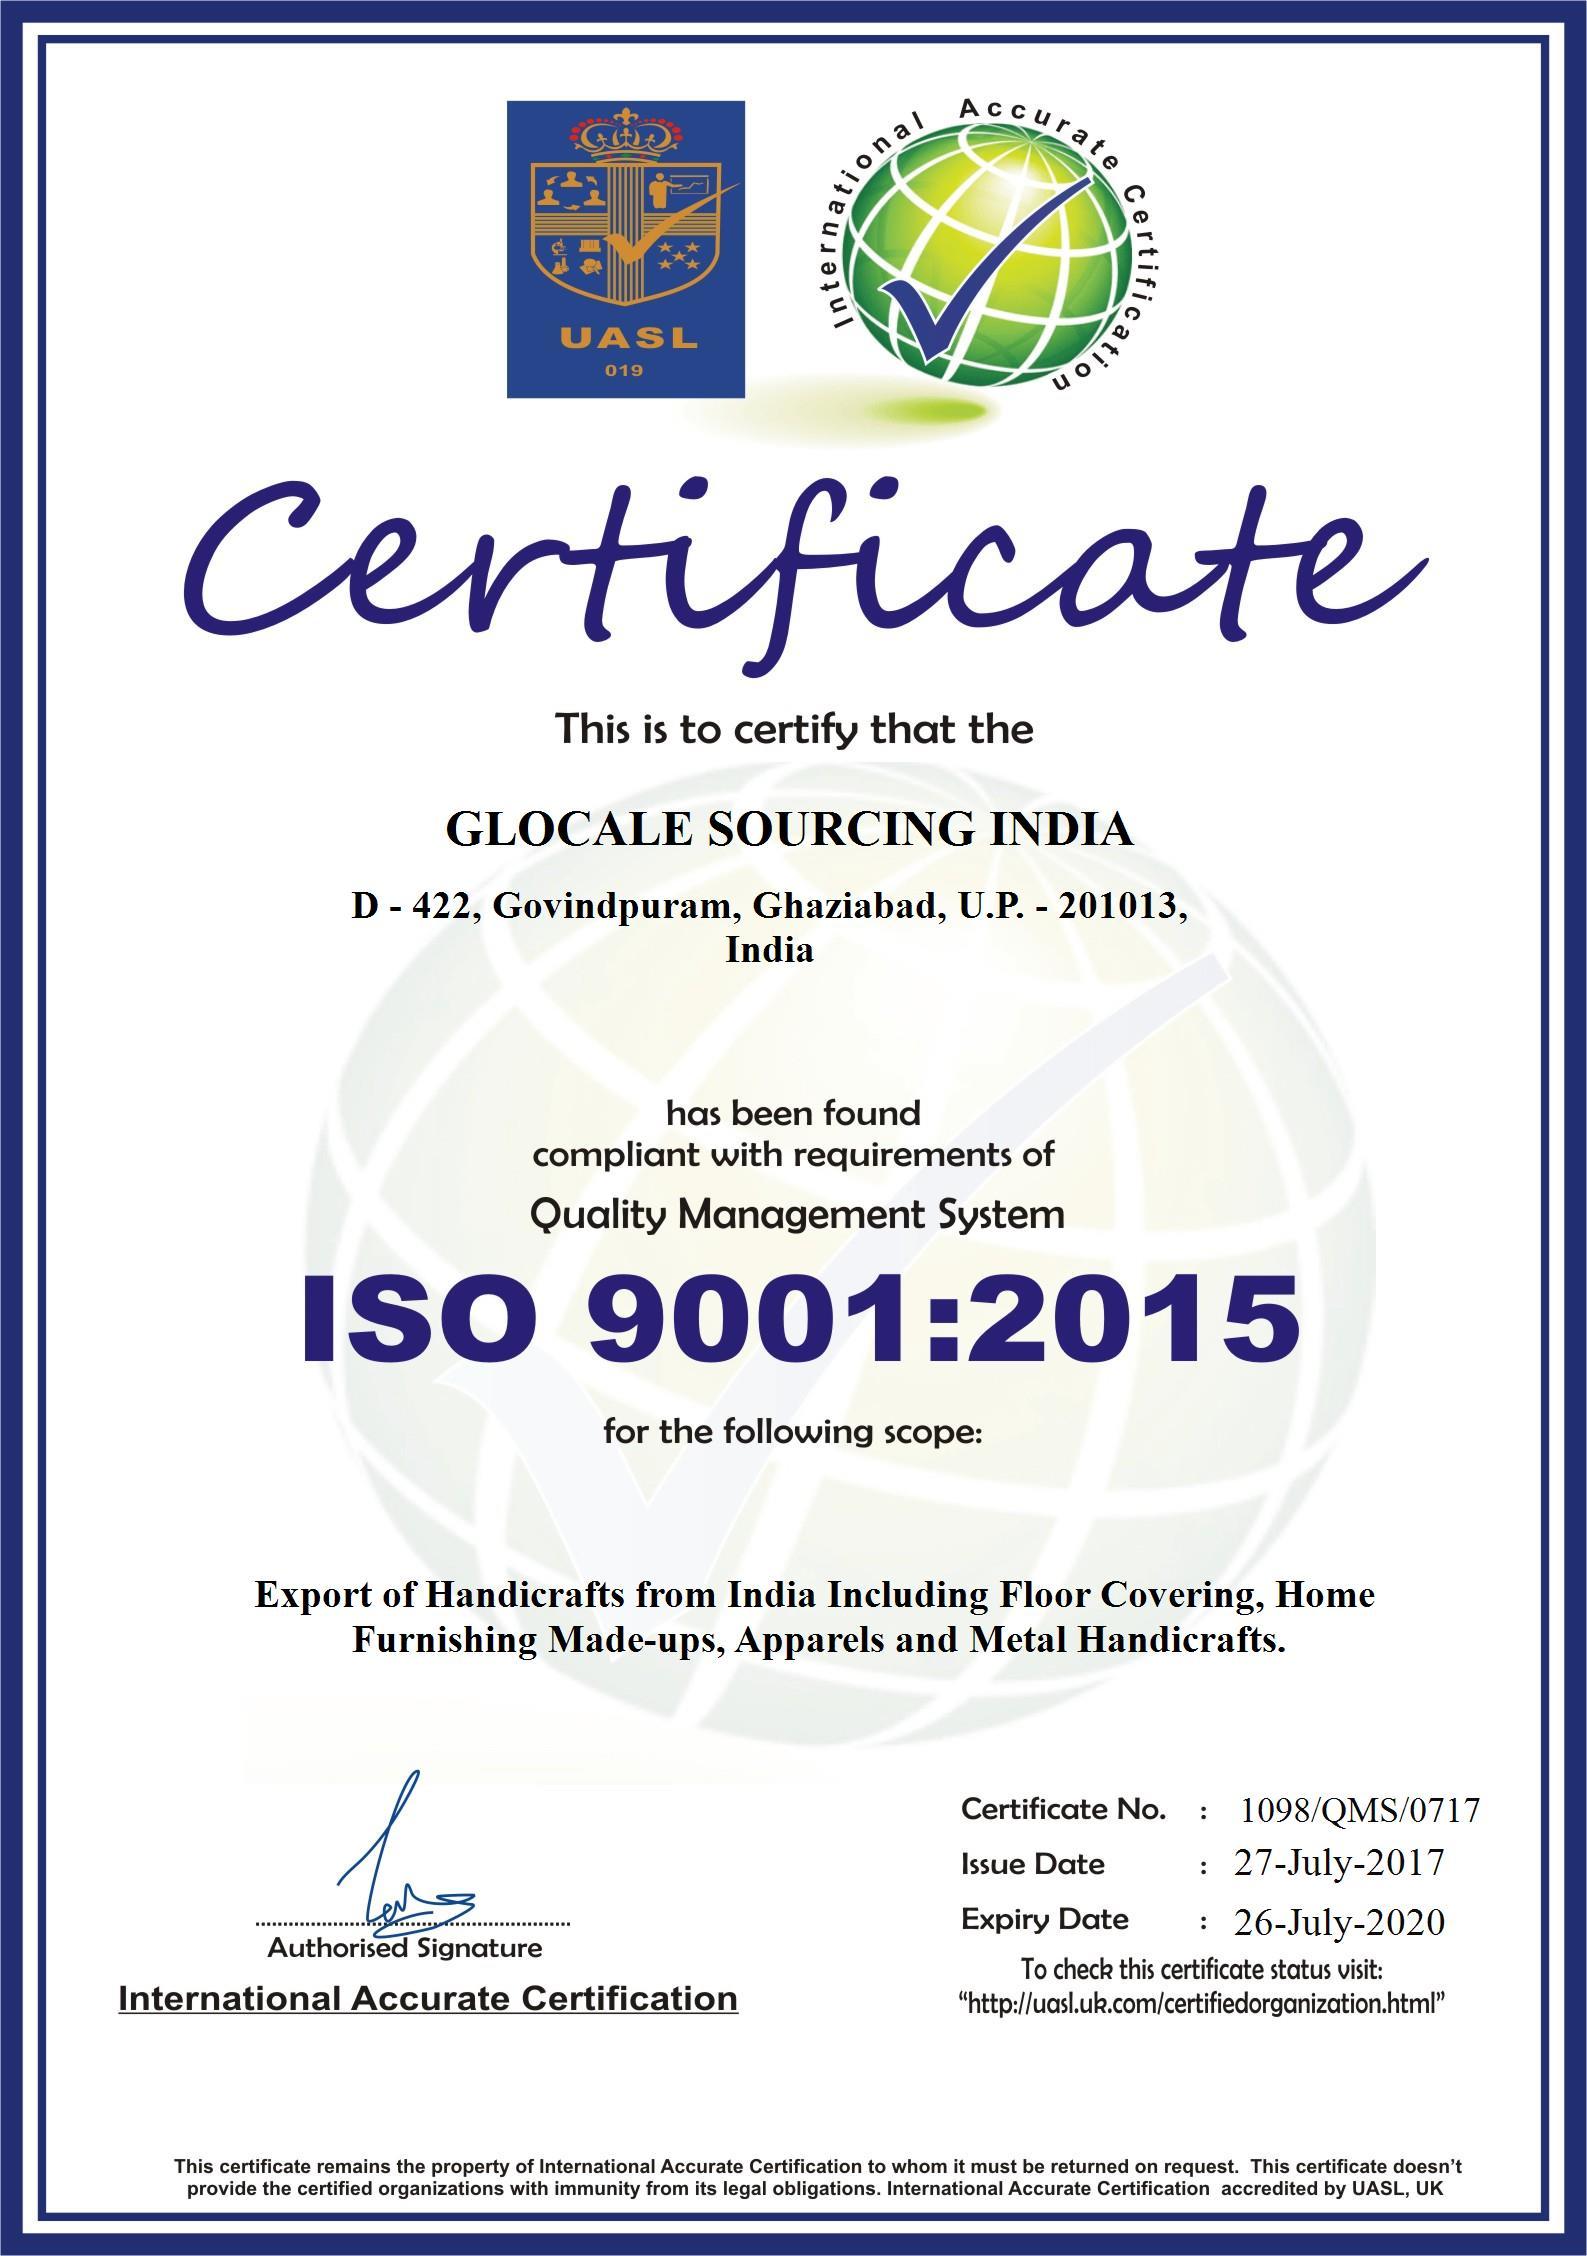 Certificates Gsi Handicrafts India Allz India